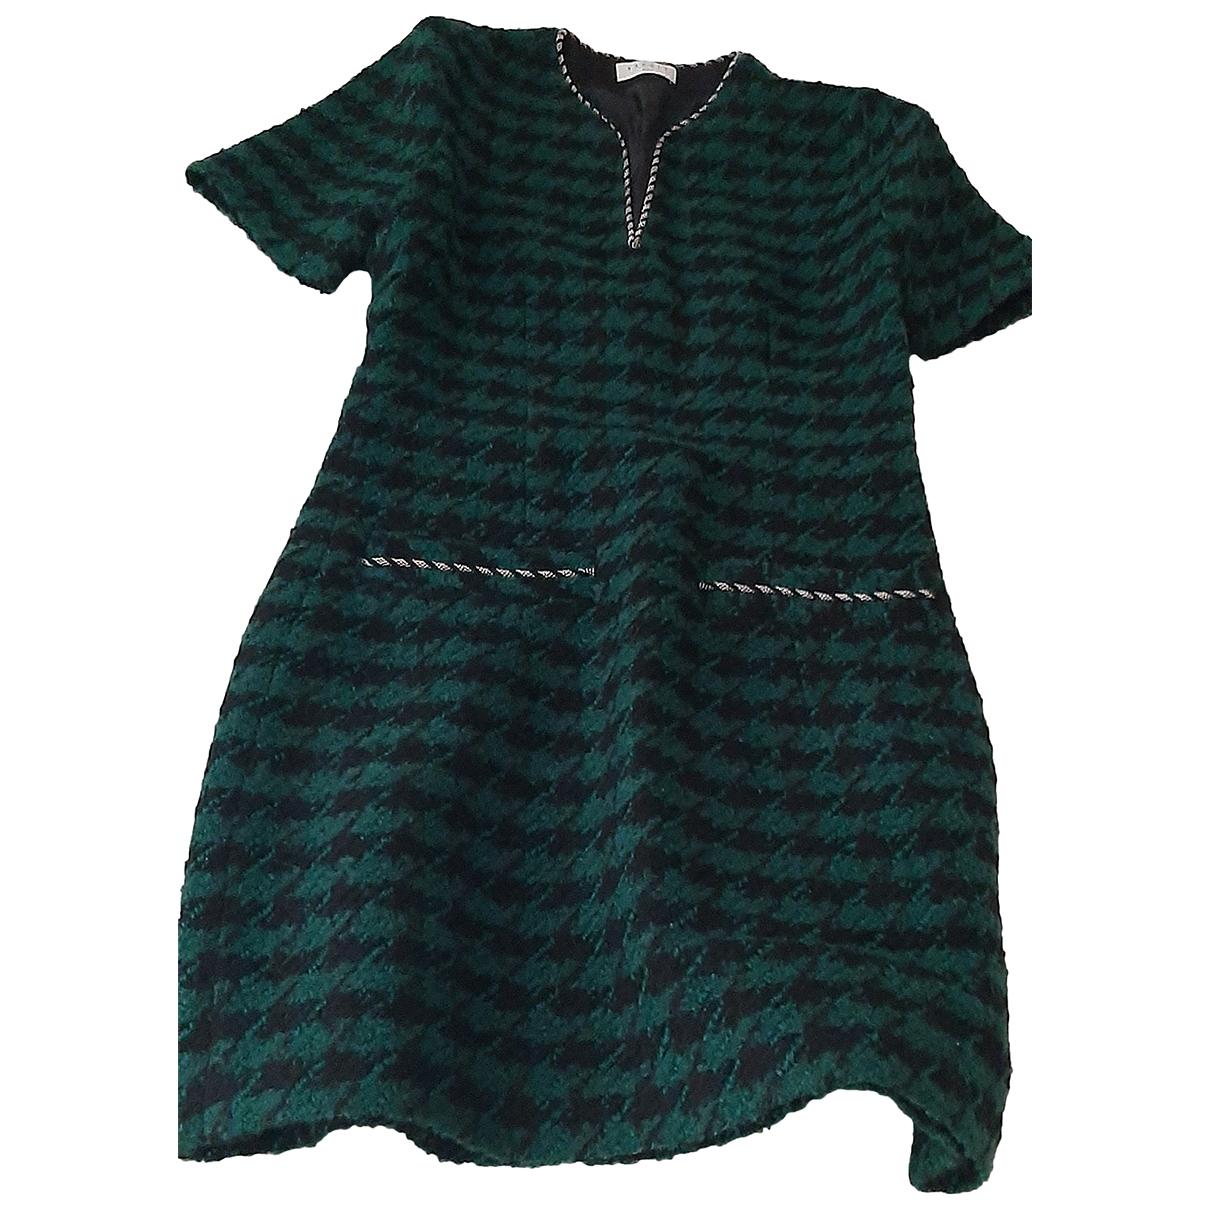 Sandro \N Kleid in  Gruen Tweed